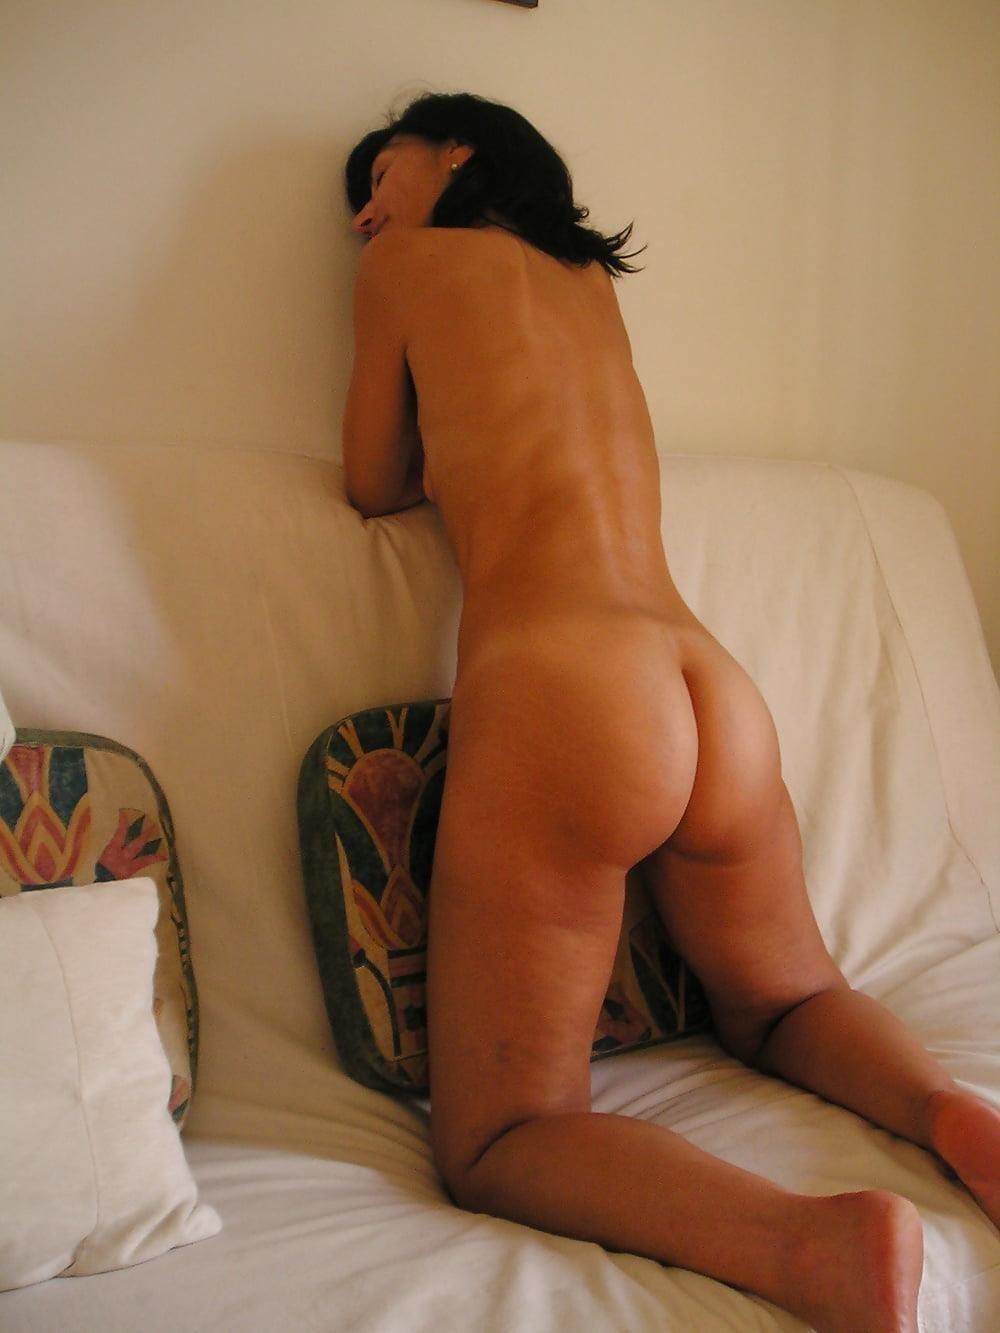 Hot girls bathing naked-3175